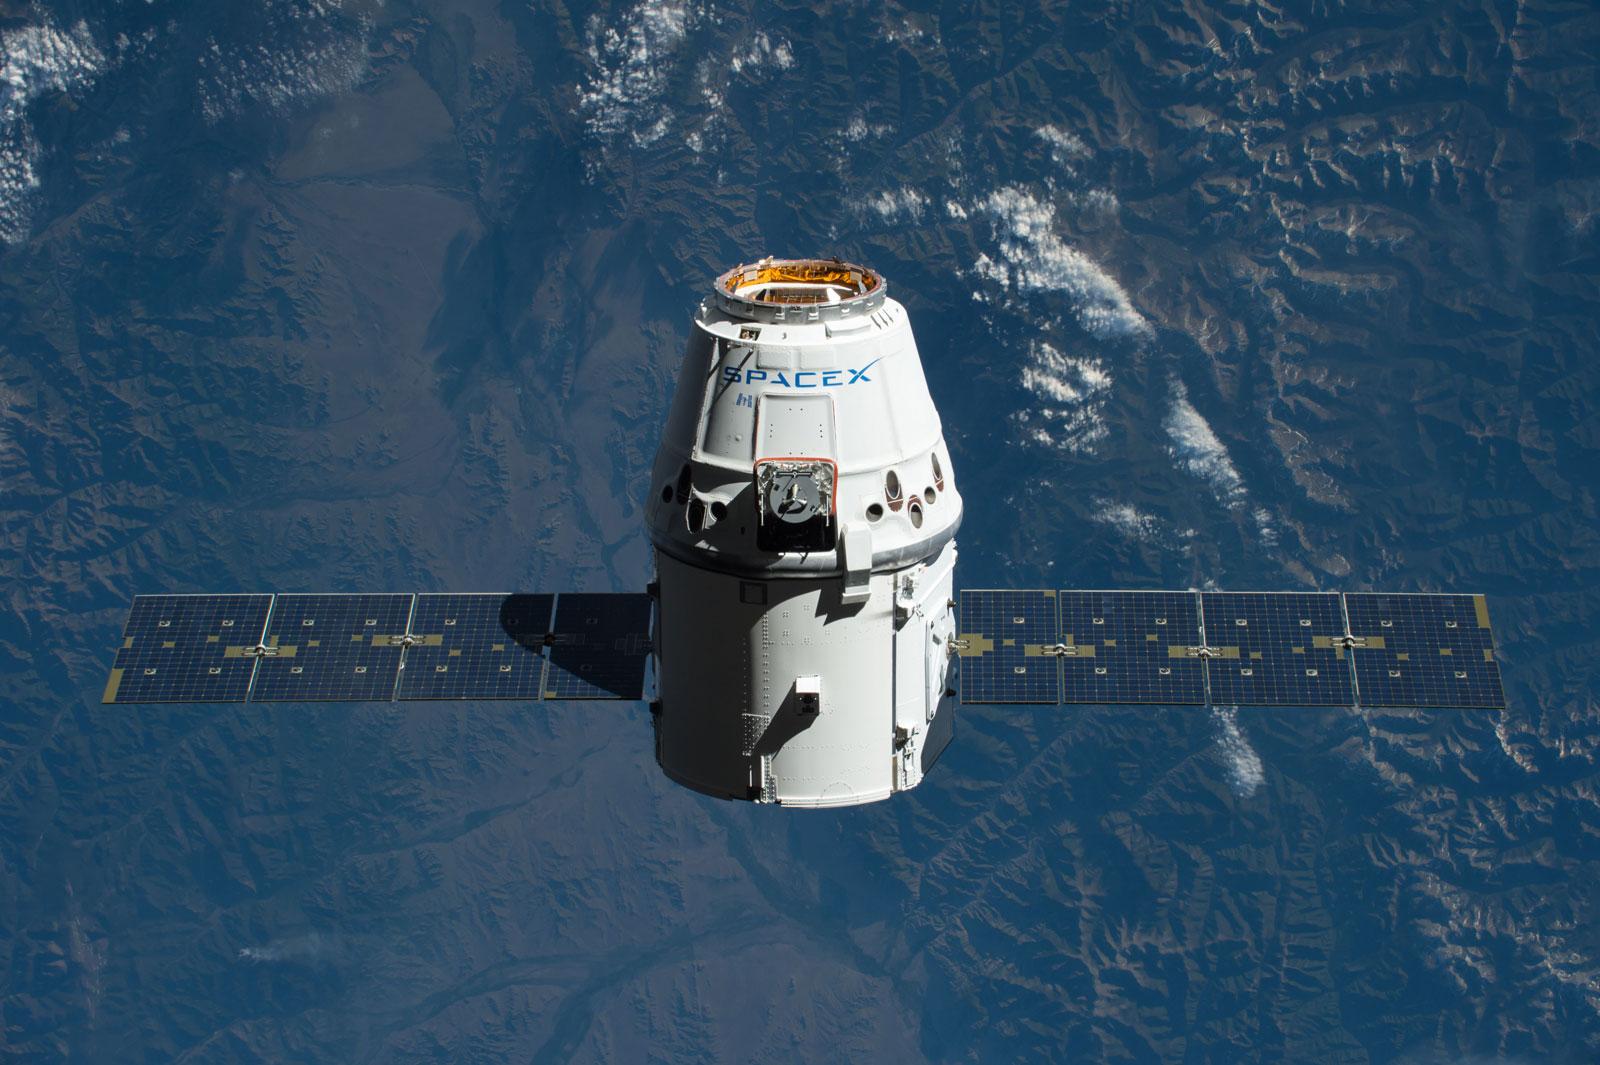 spacex-dragon-capsule-re-flight-nasa.jpg